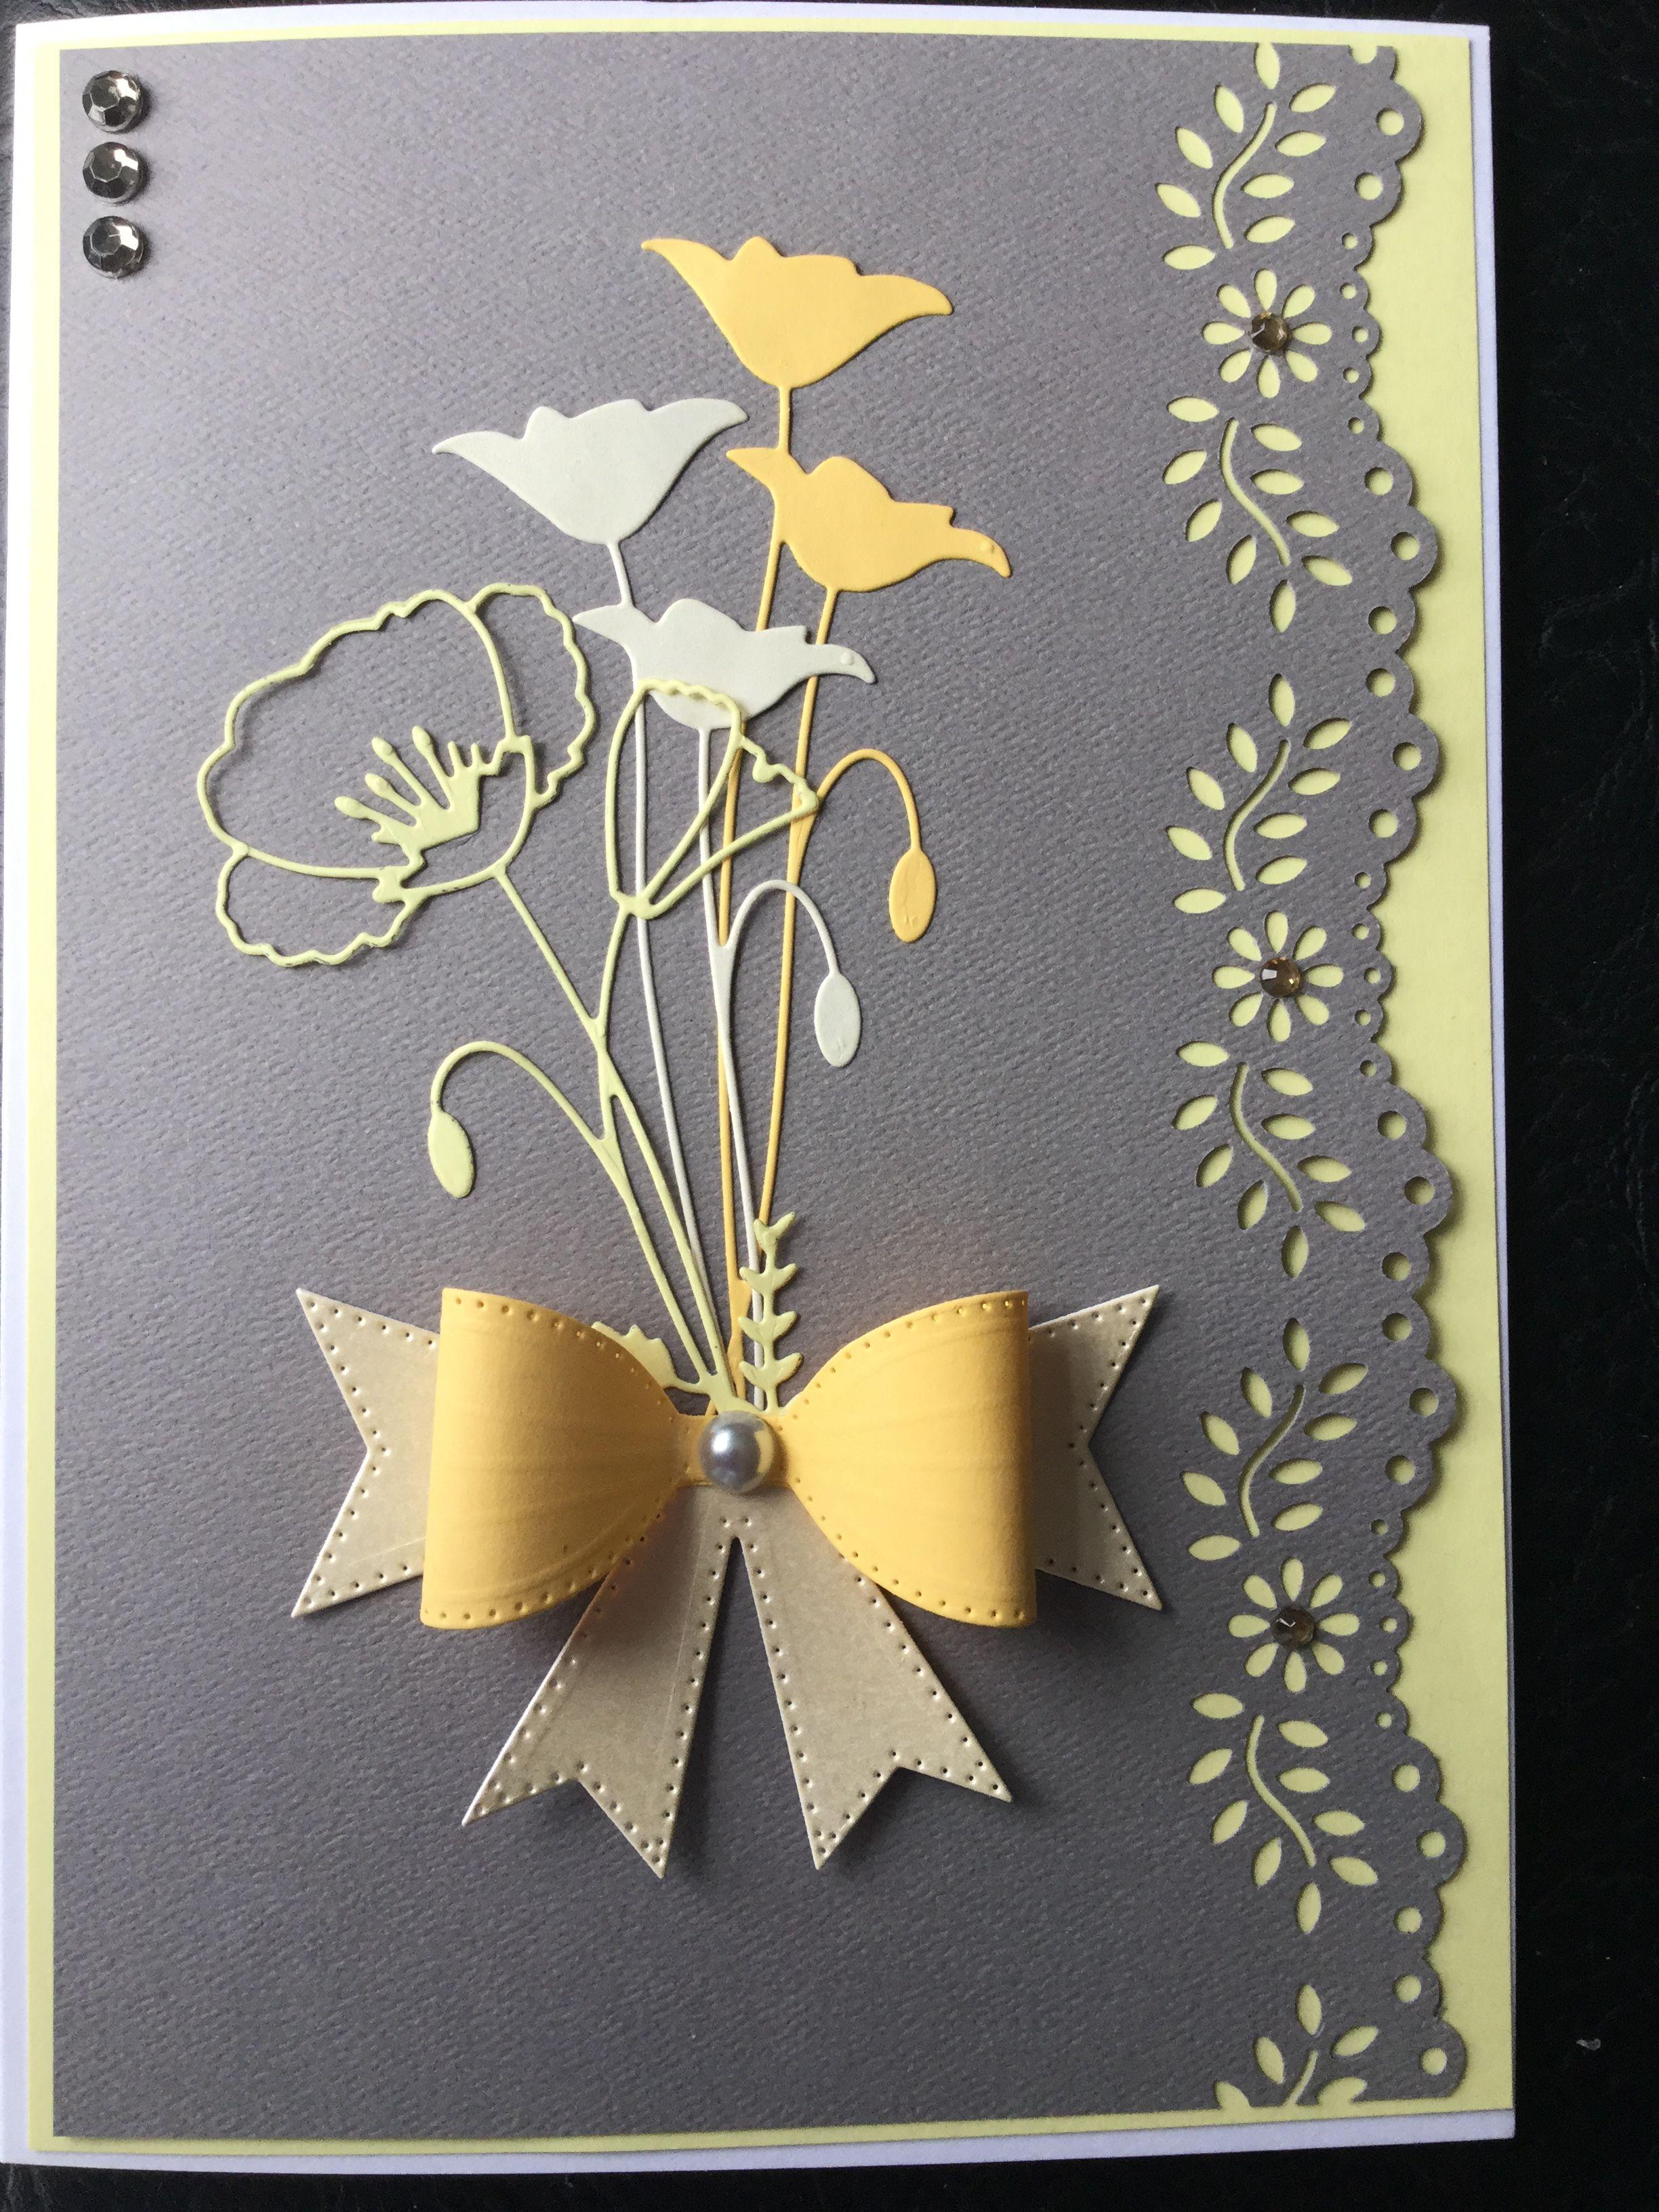 Épinglé sur My handmade cards